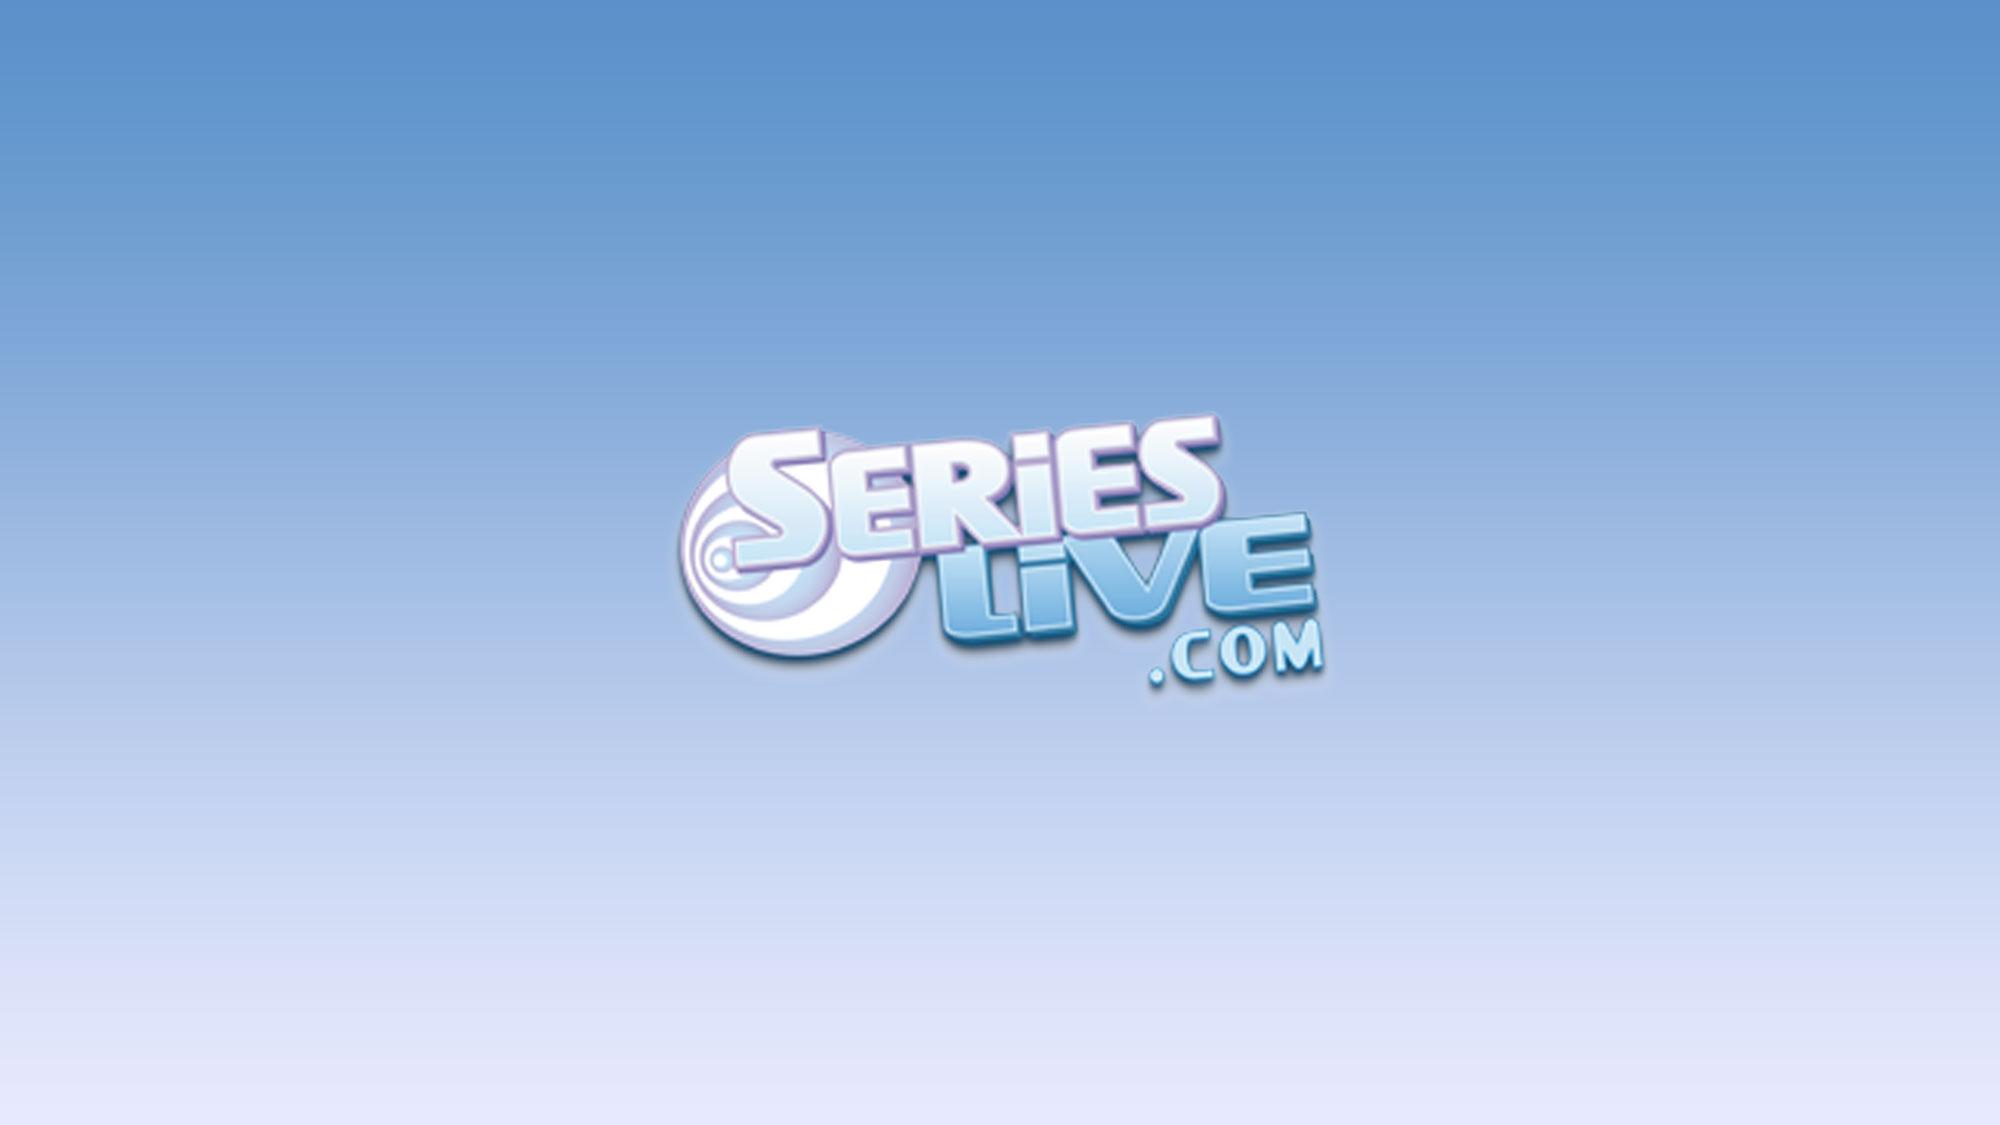 JO des séries sur SériesLive : Malcolm qualifiée pour les quarts de finale !